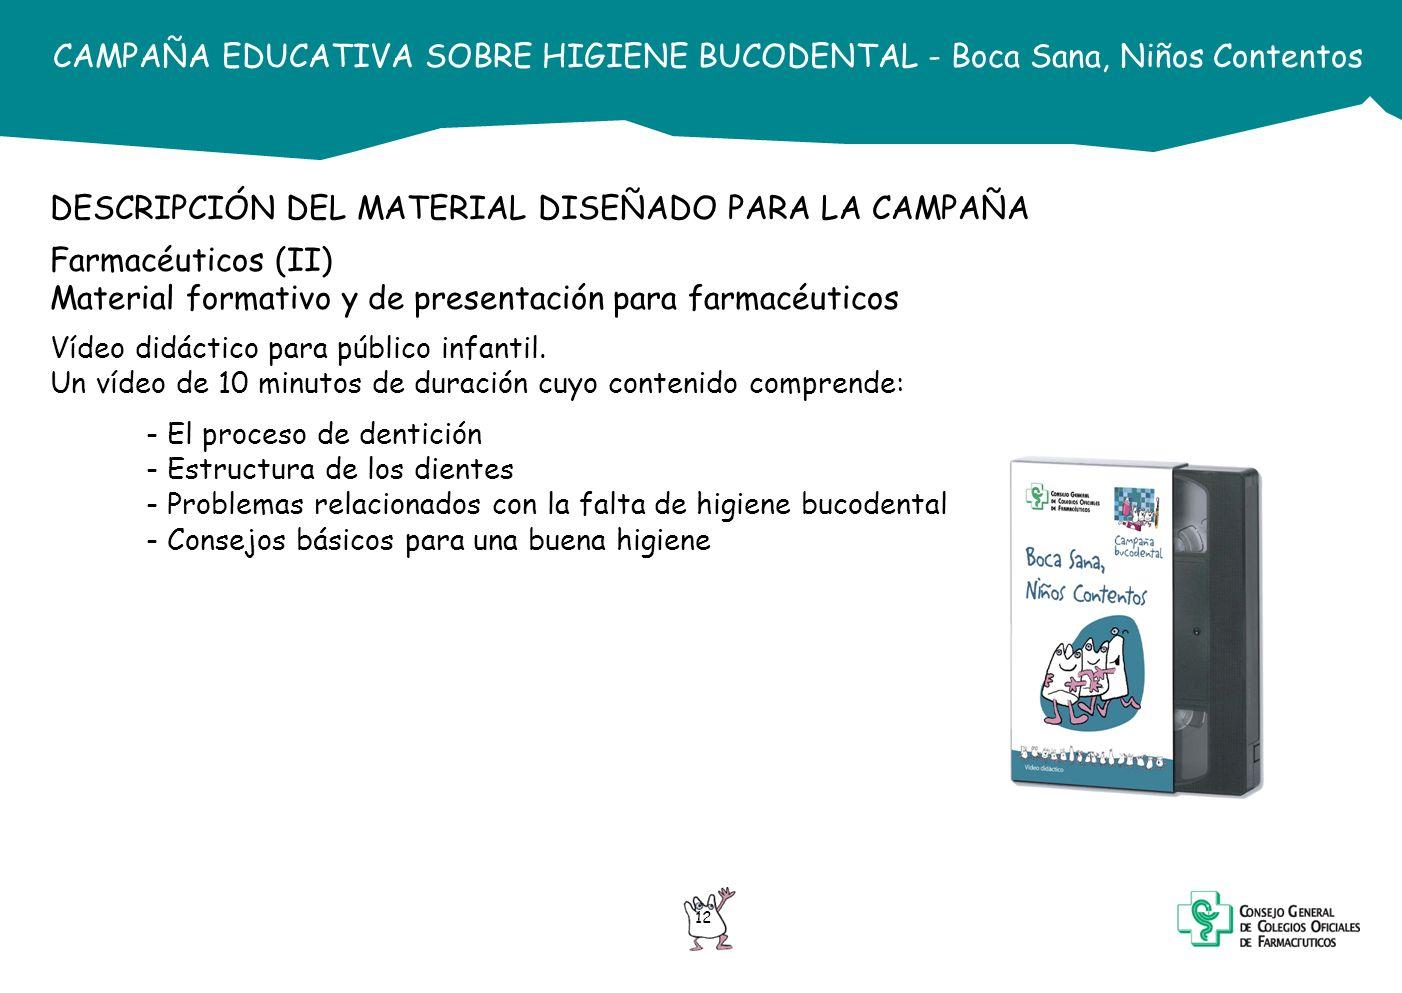 12 CAMPAÑA EDUCATIVA SOBRE HIGIENE BUCODENTAL - Boca Sana, Niños Contentos DESCRIPCIÓN DEL MATERIAL DISEÑADO PARA LA CAMPAÑA Farmacéuticos (II) Materi